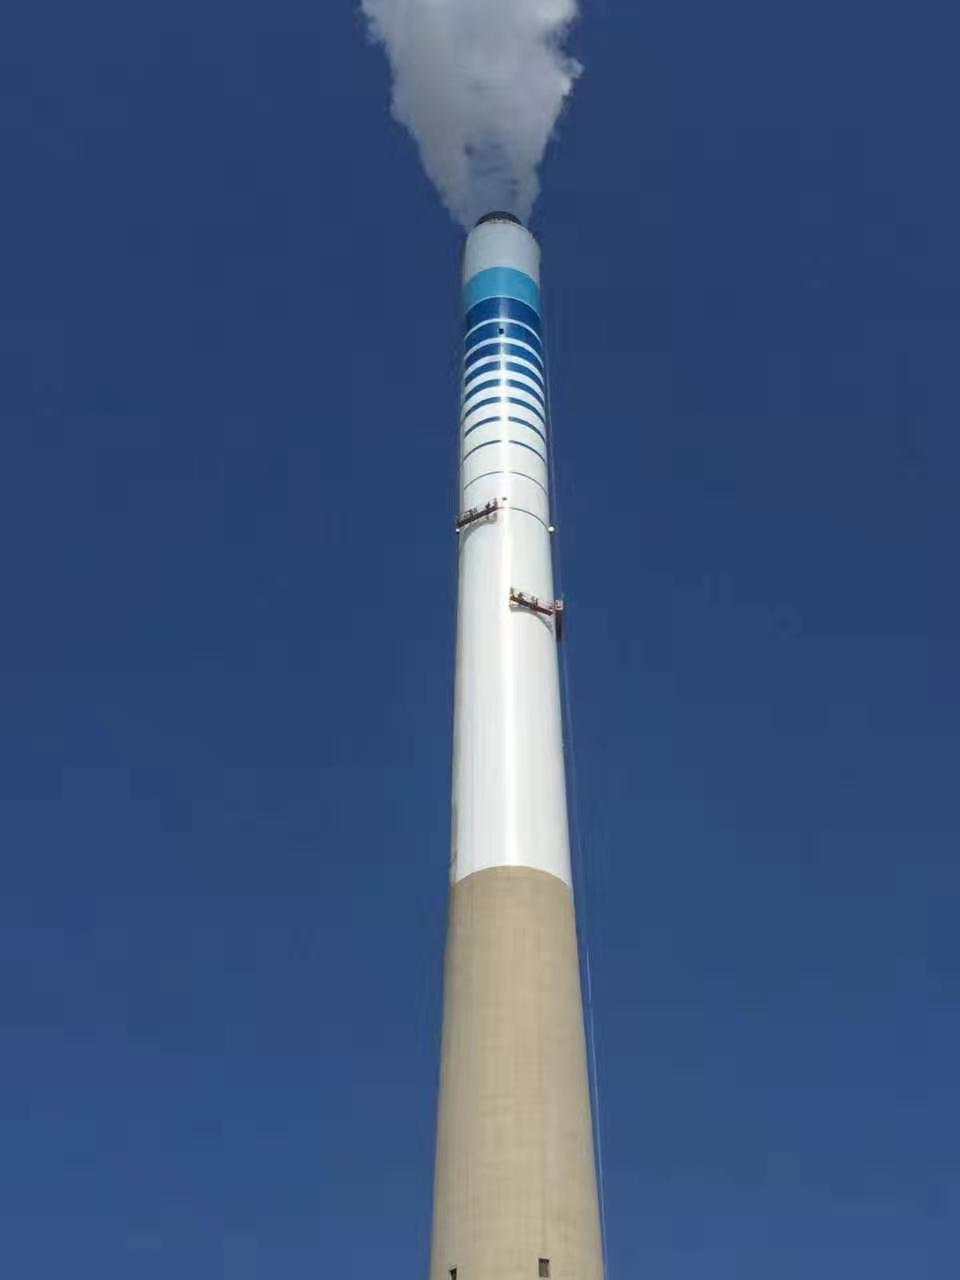 中国神华能源股份有限公司国华惠州热电分公司210M烟囱刷航标工程